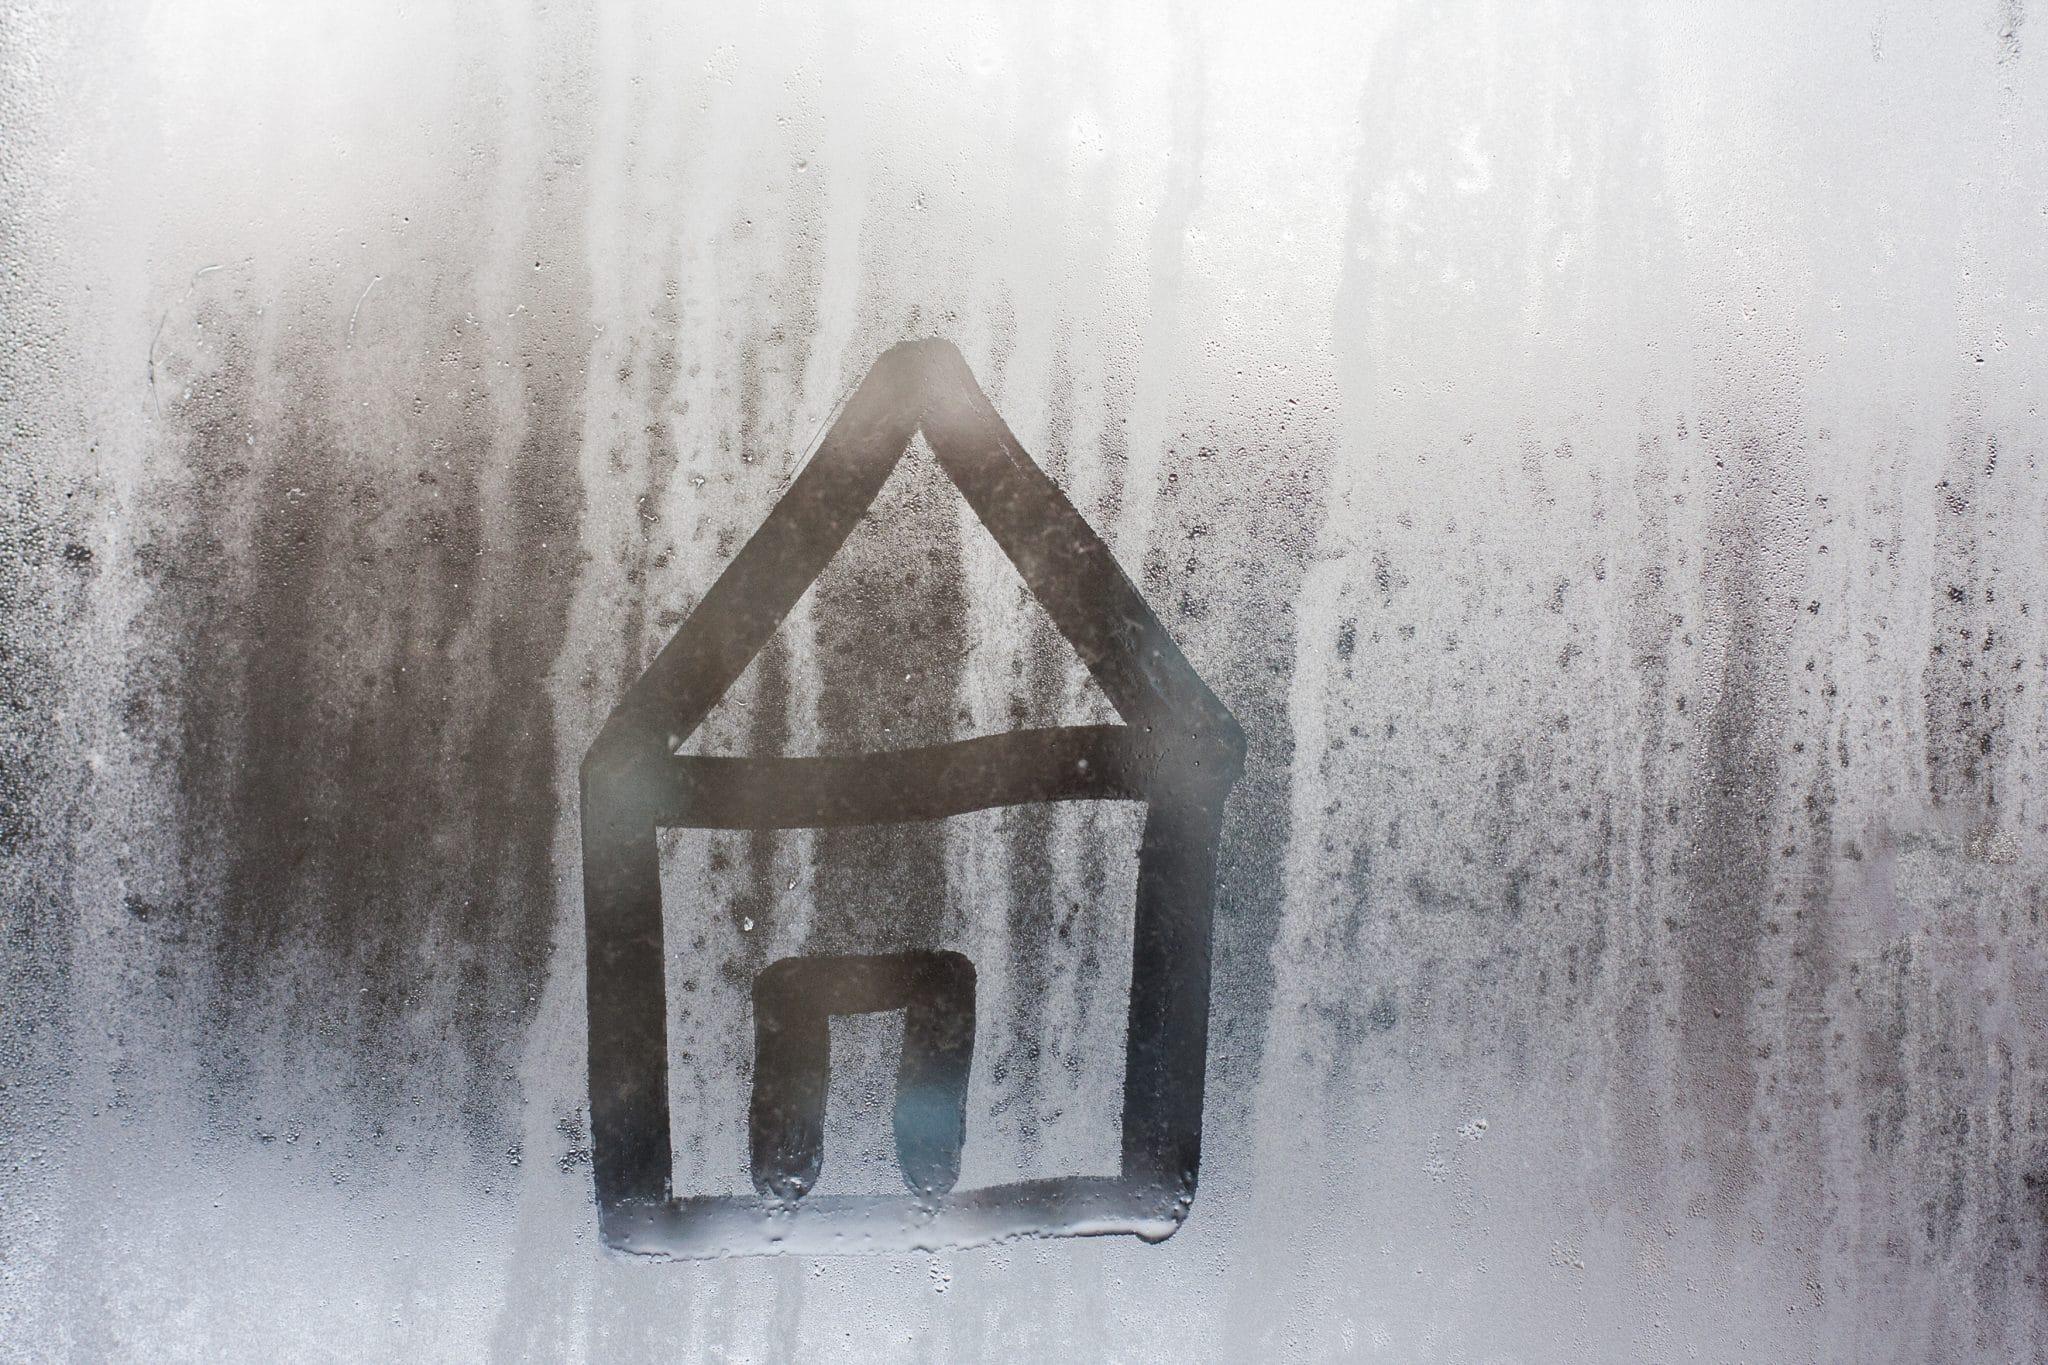 Comment lutter contre l'humidité et la moisissure dans sa maison ?